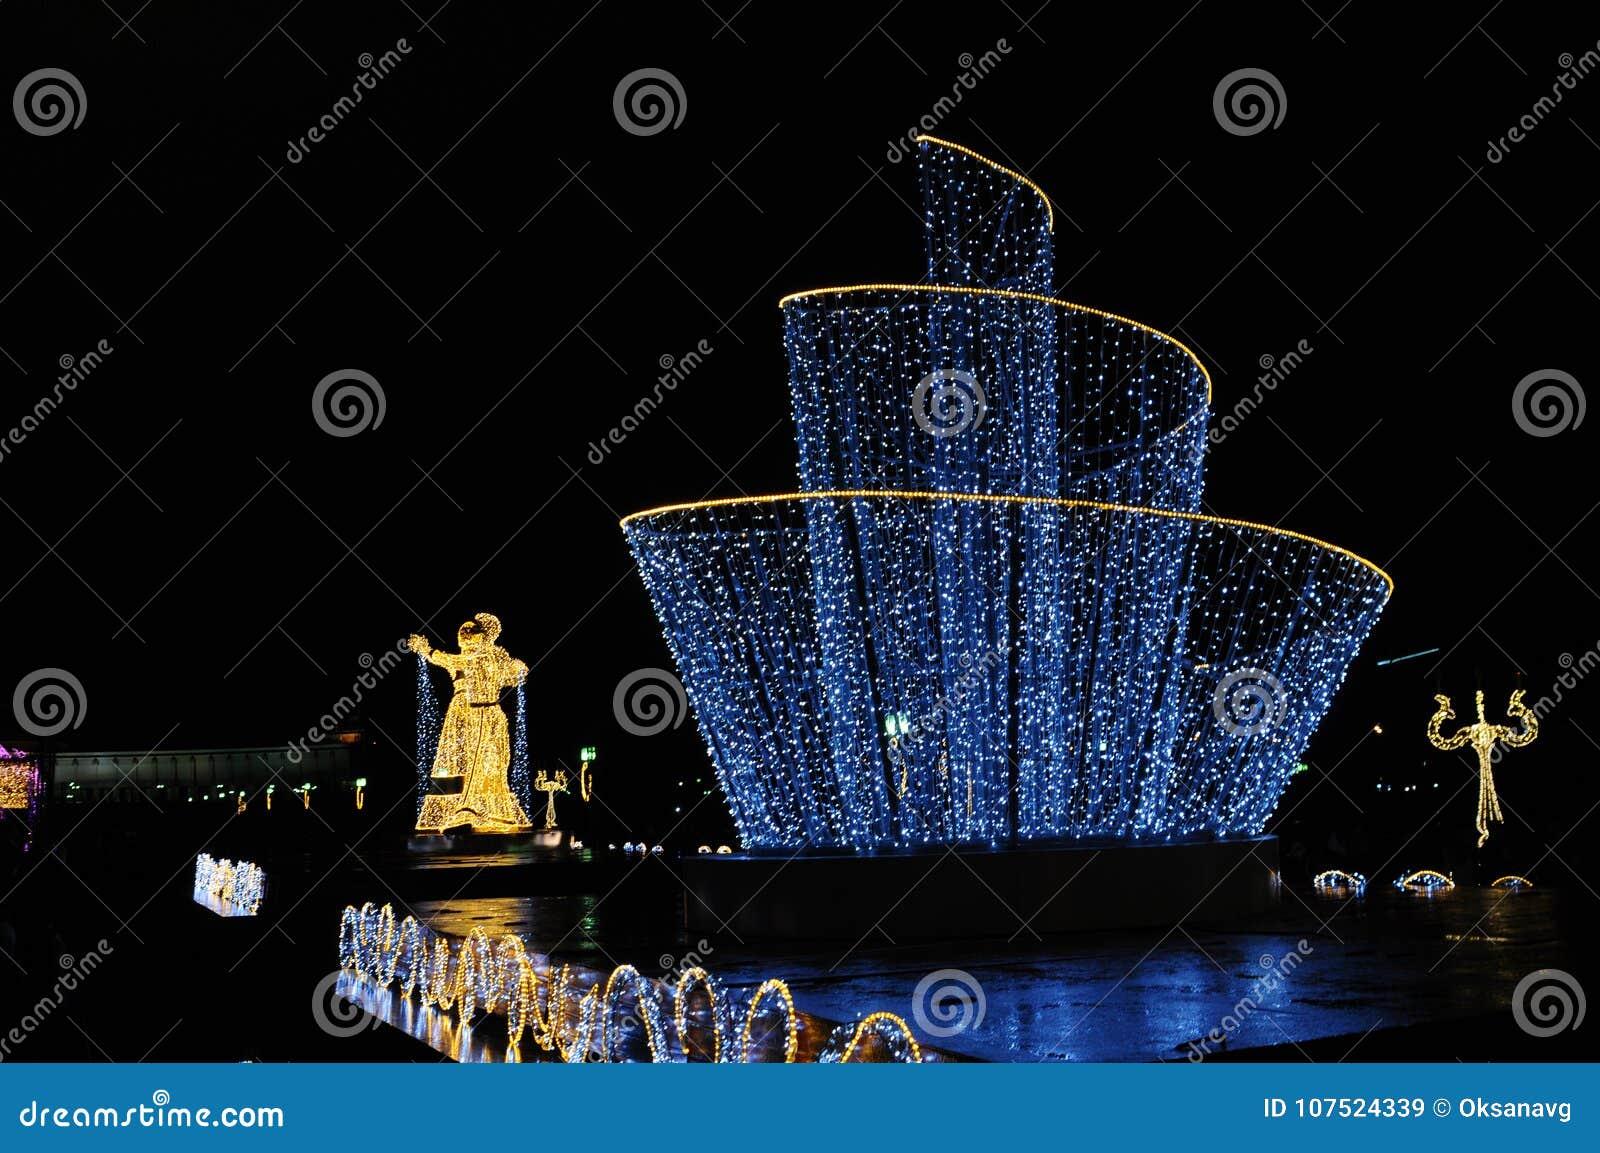 Led Weihnachten.Led Tänzer Auf Der Festival Reise Zum Weihnachten Redaktionelles